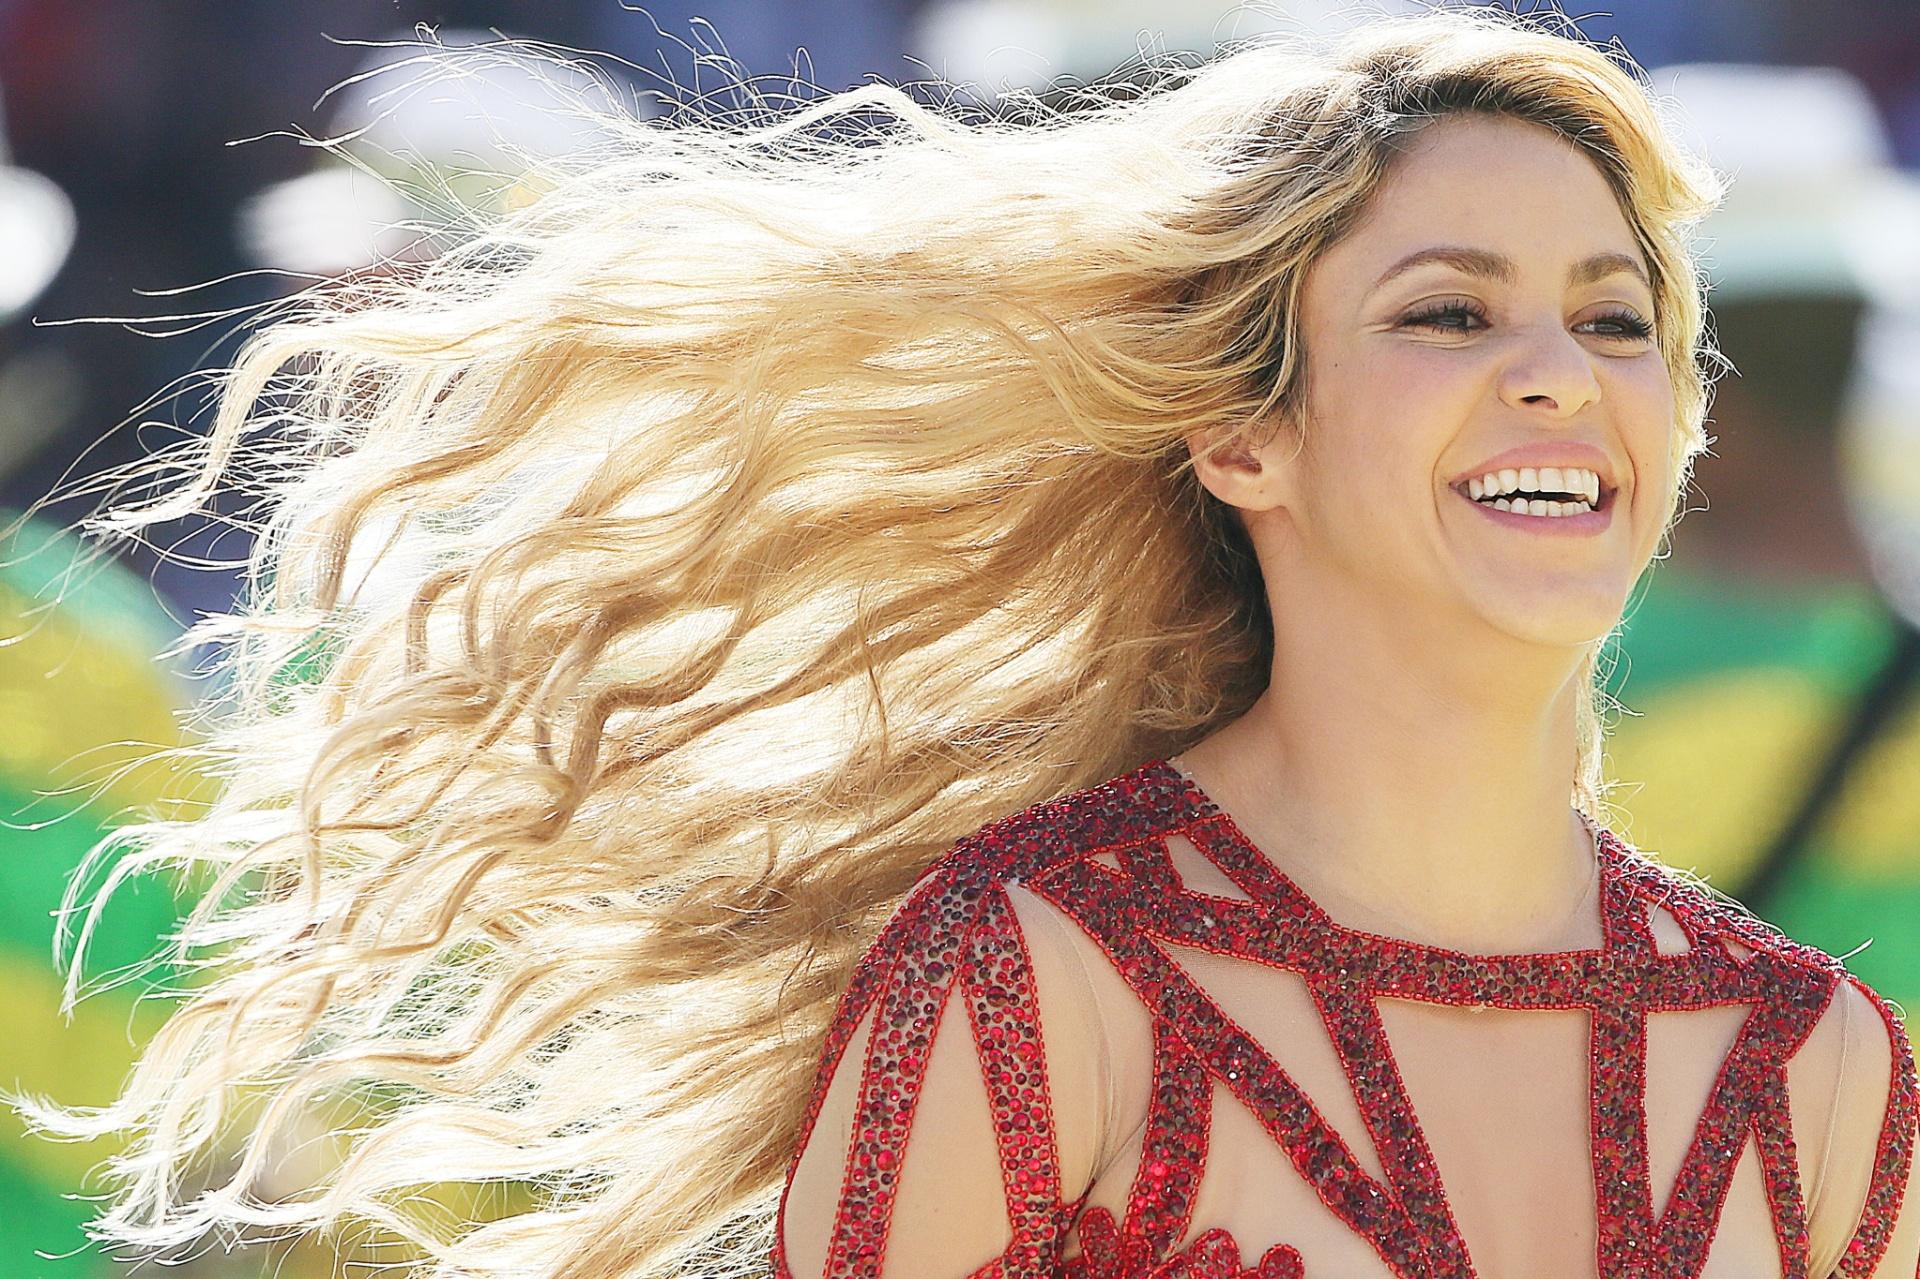 Cantora Shakira se apresenta na cerimônia de encerramento da Copa, no Maracanã